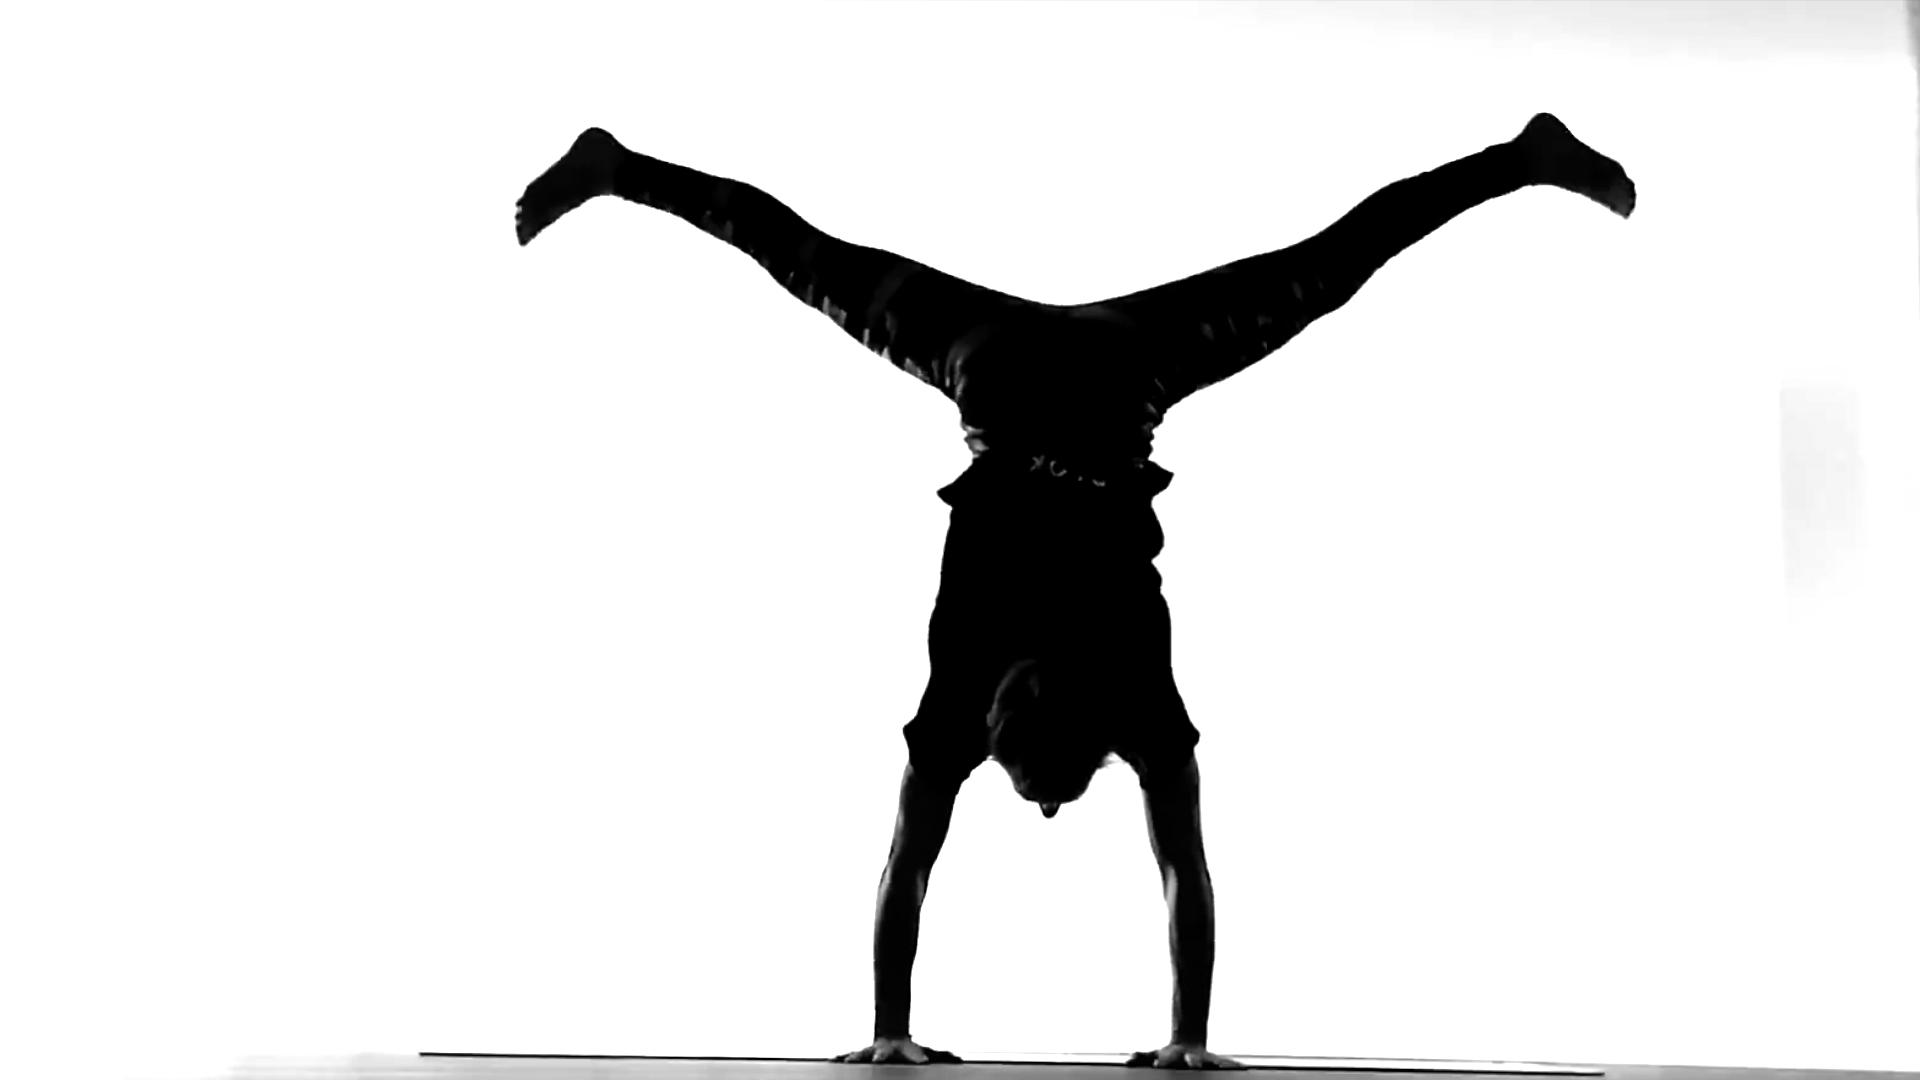 stef bw handstand still.png